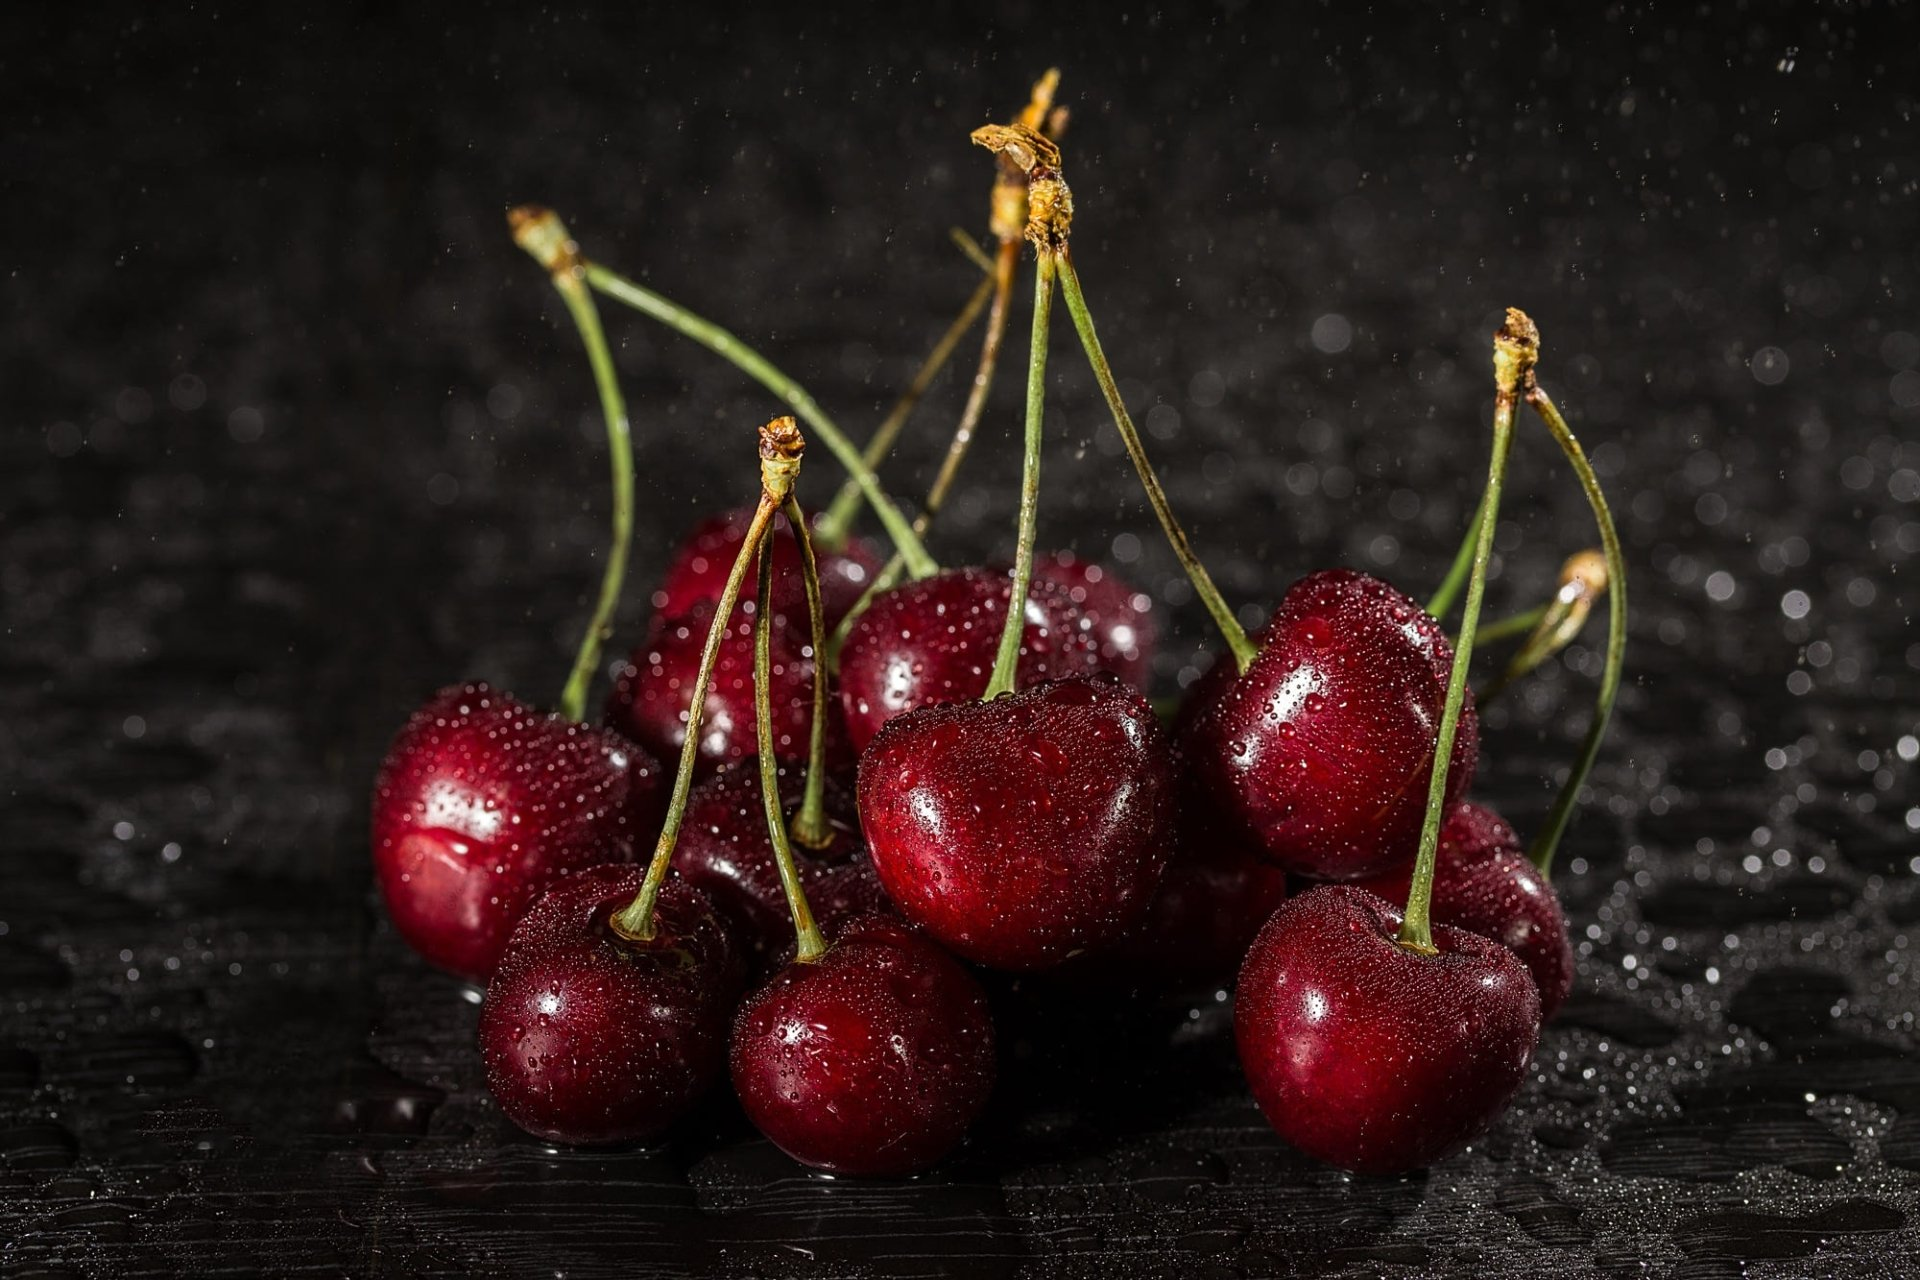 Обои ice, ягода, обои, Вишня. Еда foto 13